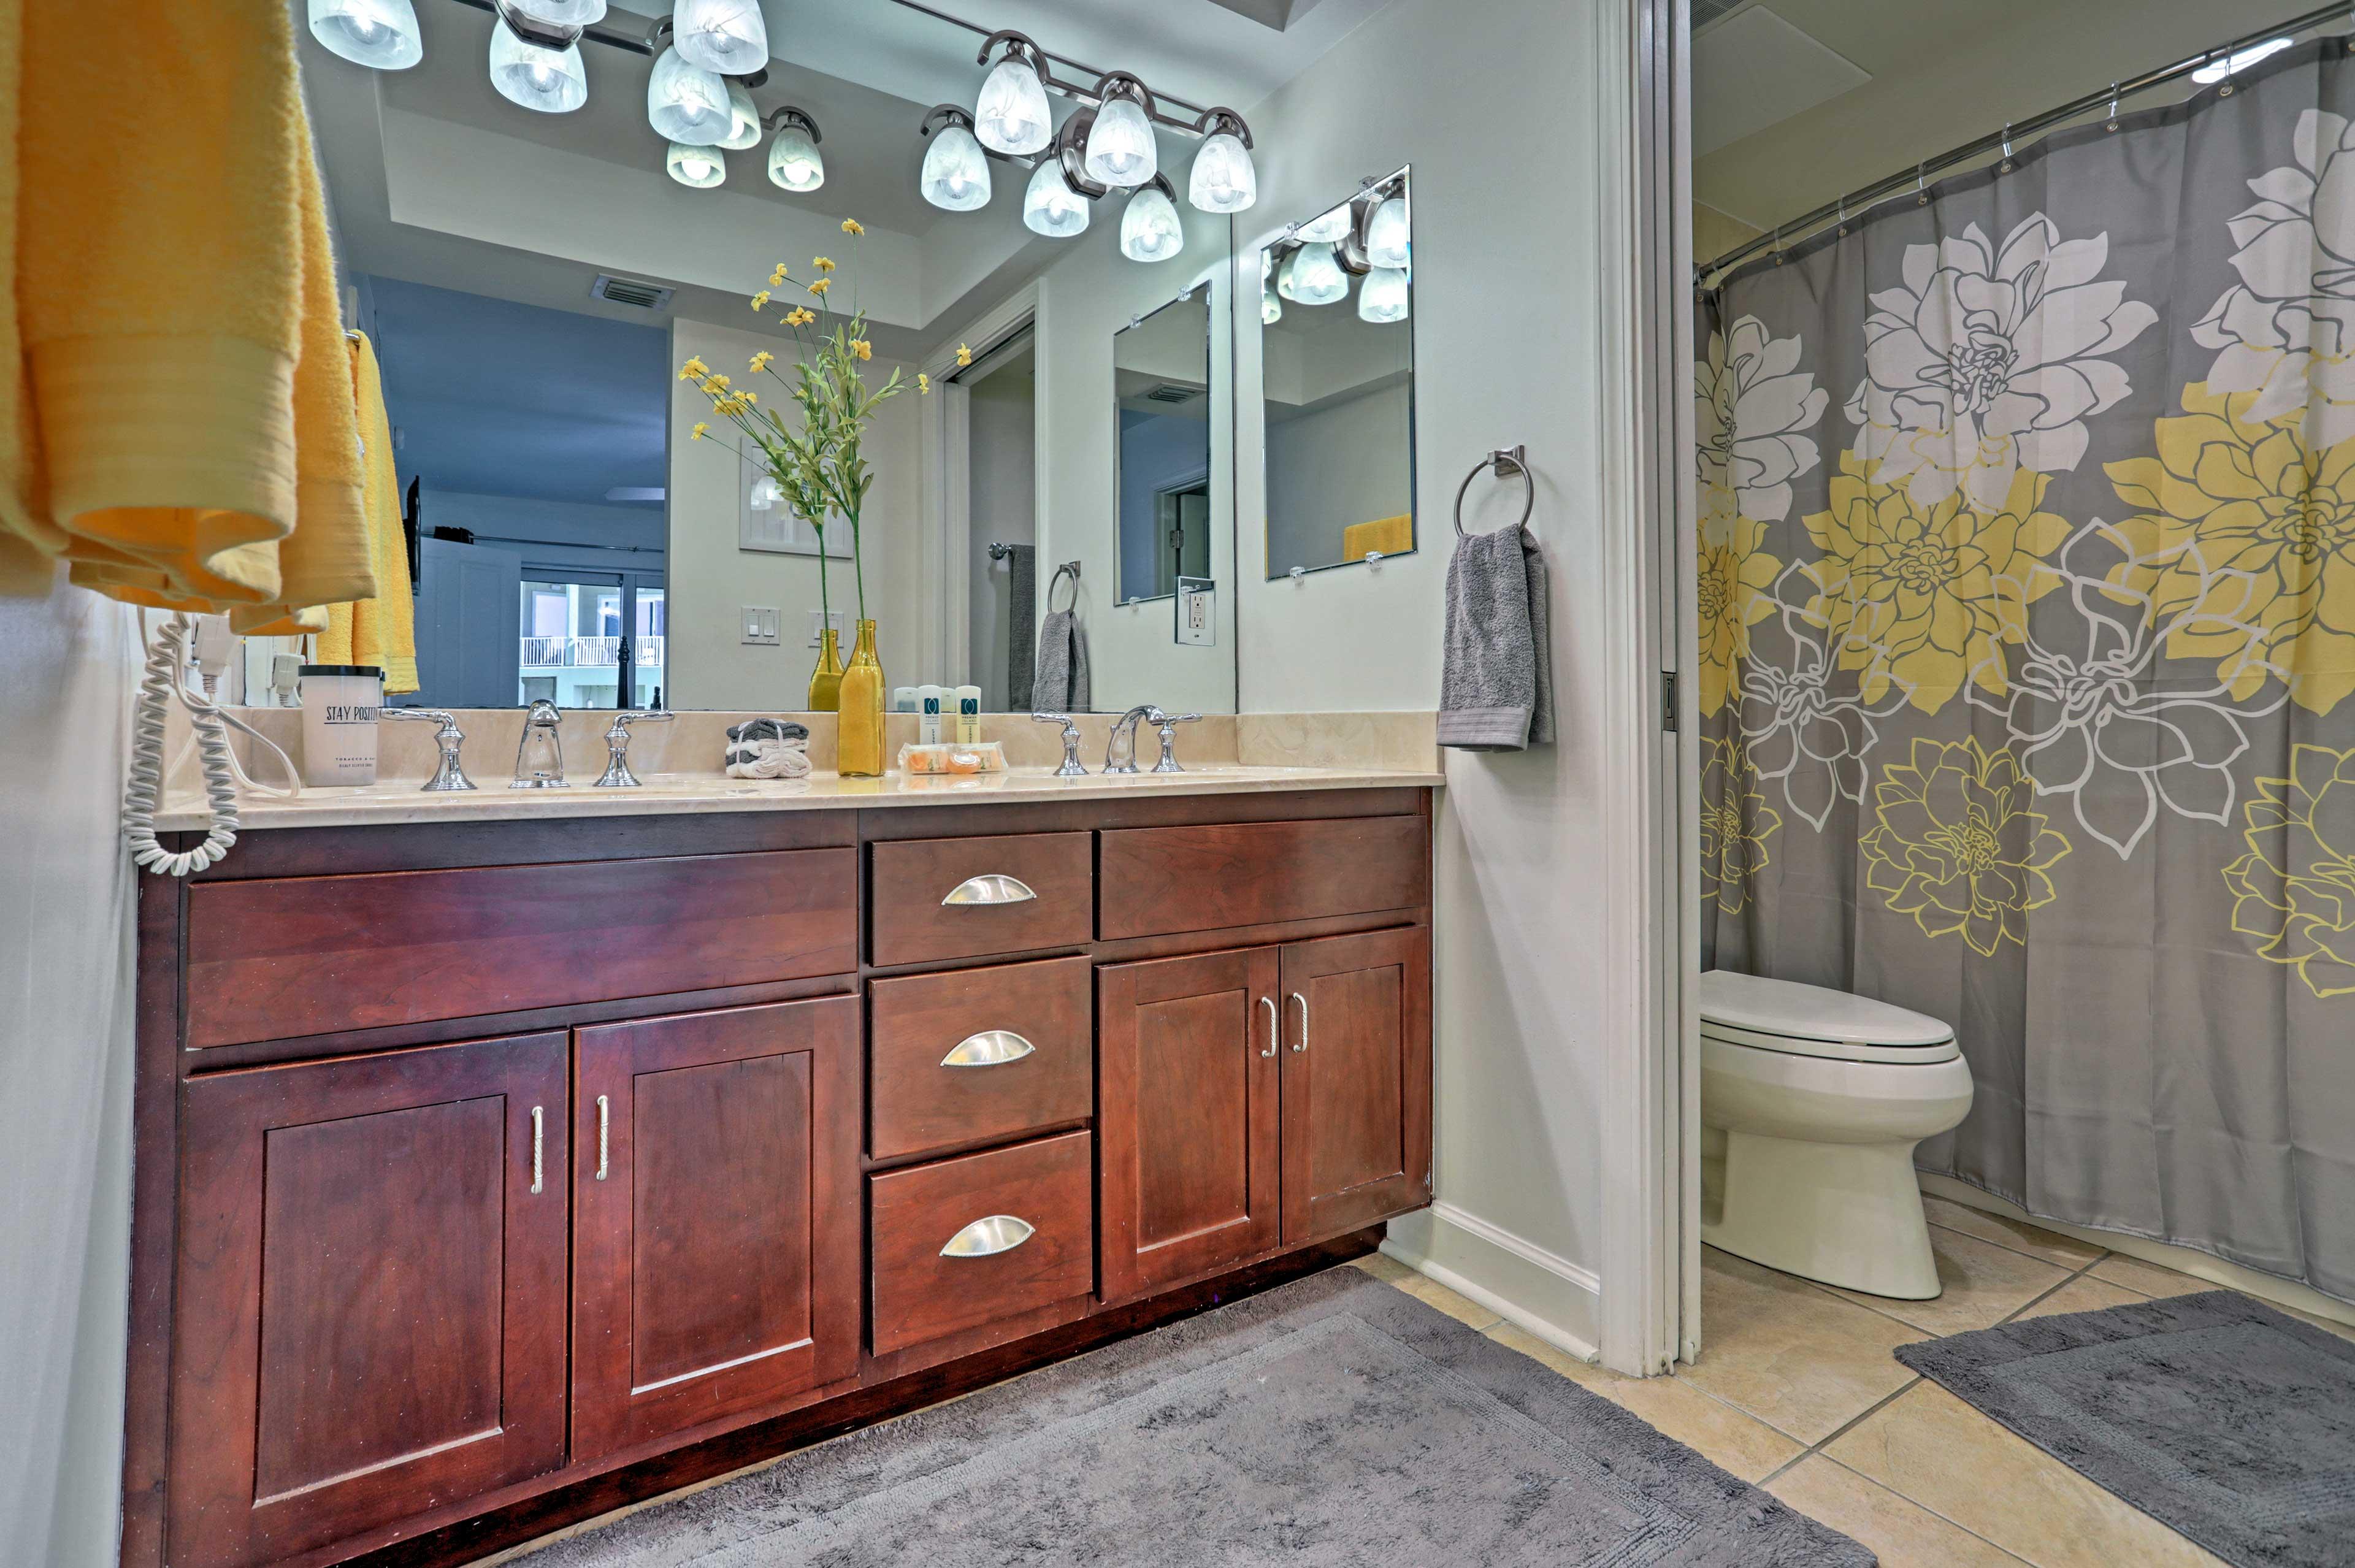 The condo features 1 pristine full bathroom.